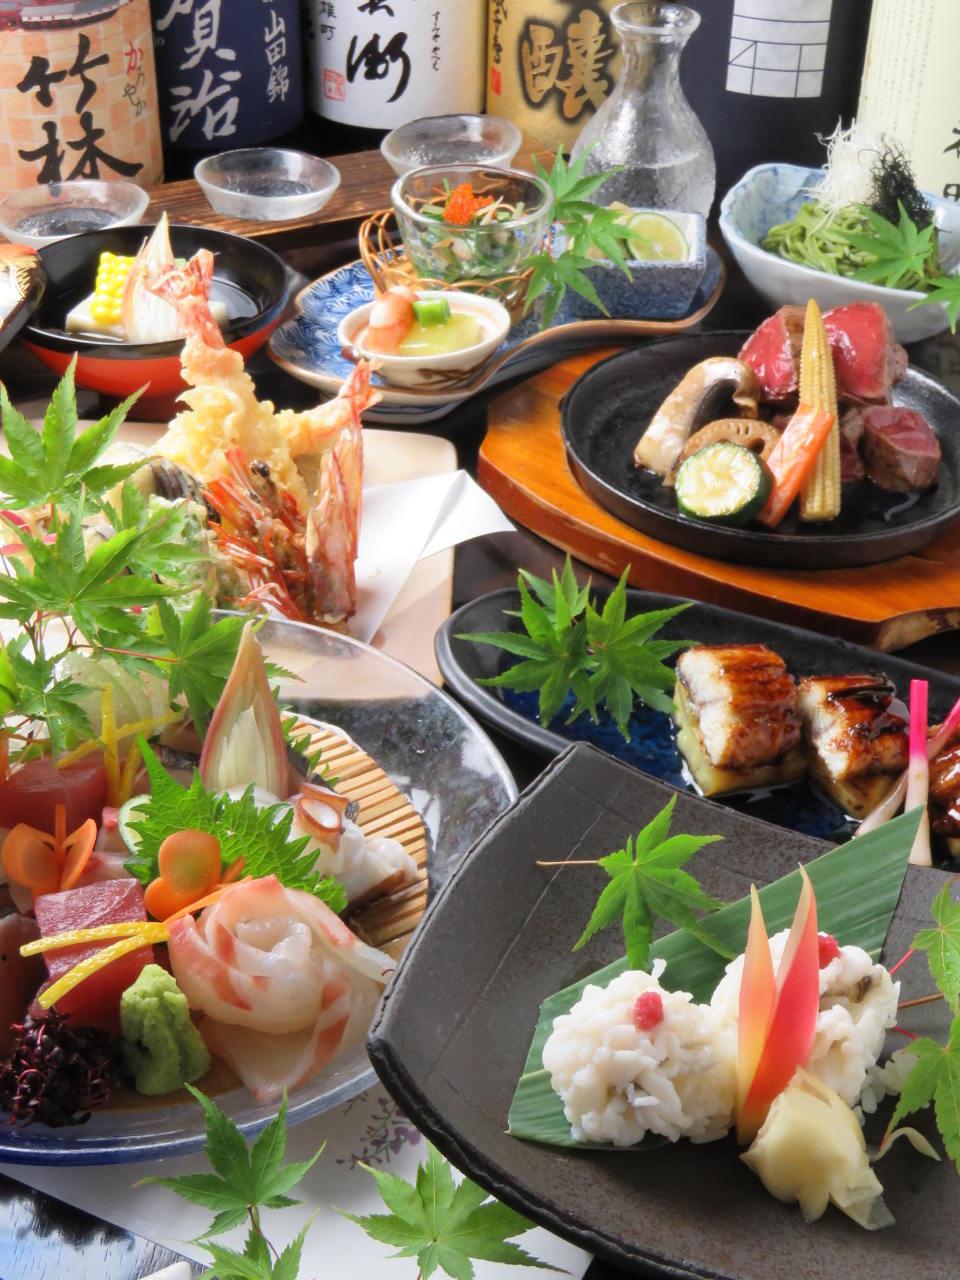 季節の食材満喫コース【接待やおもてなしに】  4500円(9品)